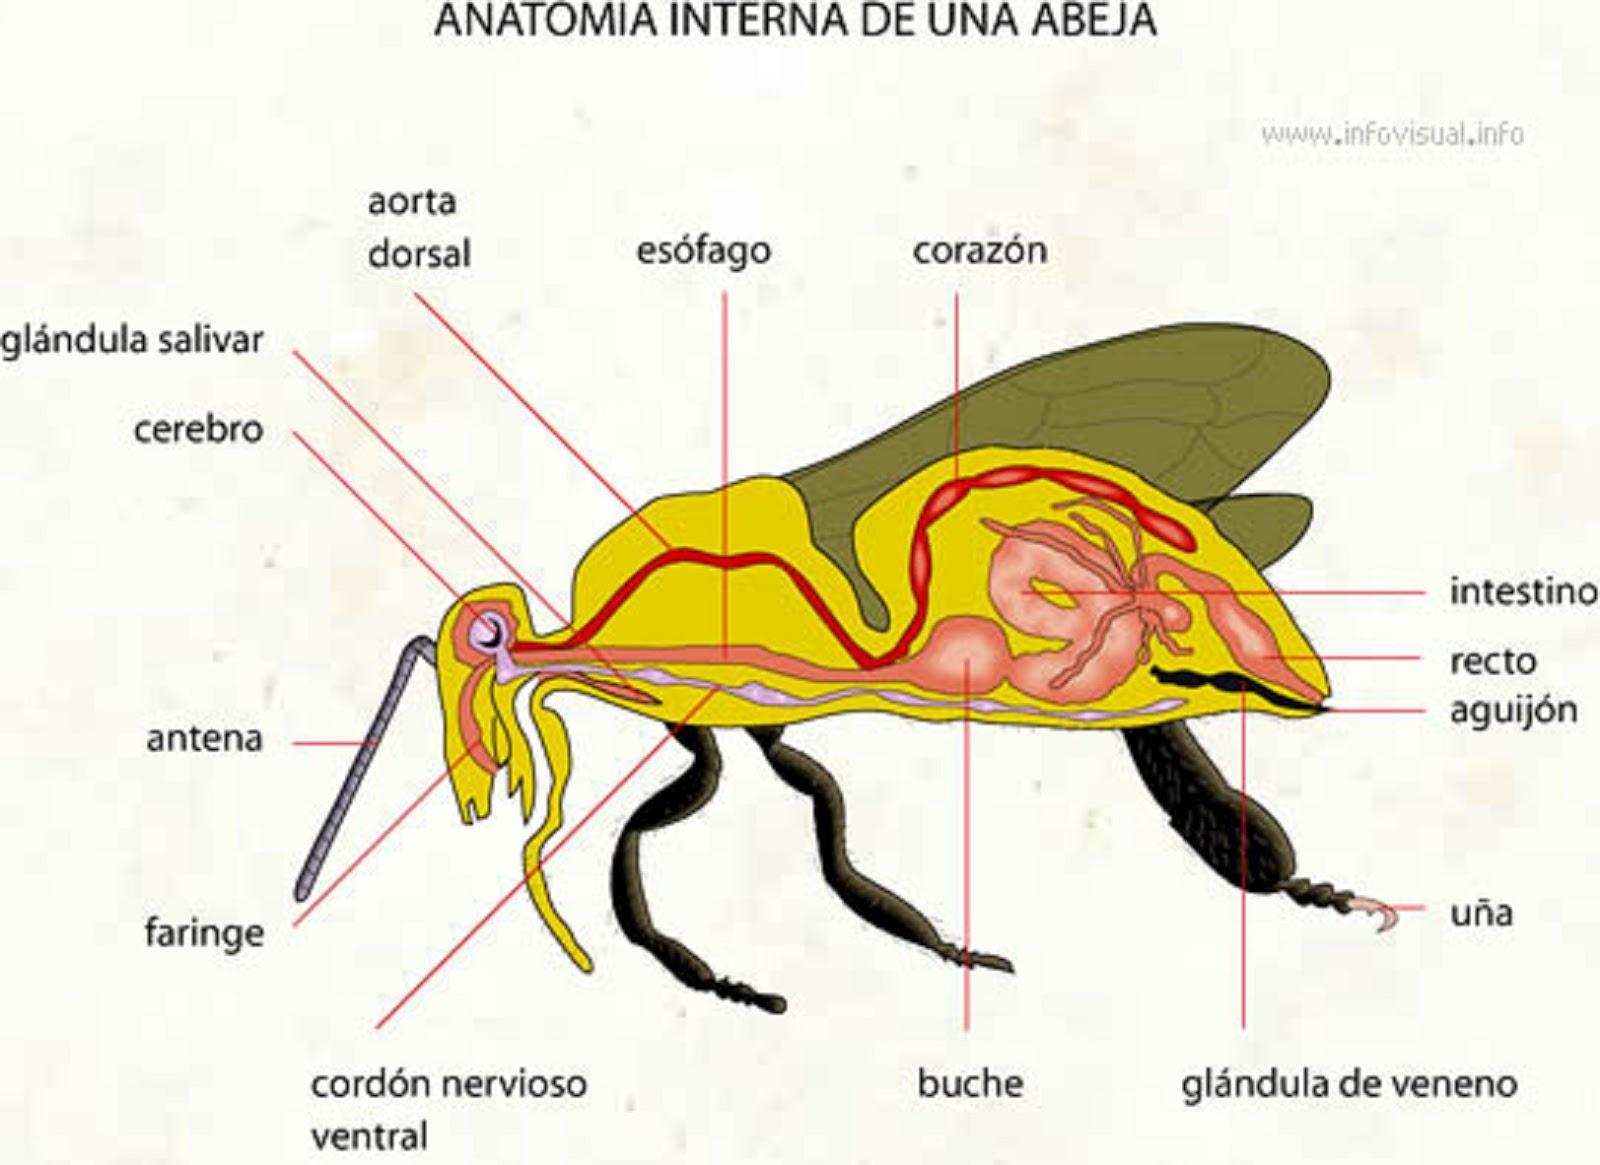 bumble bee diagram schematic wiring of a house parroquia sagrada familia la abeja